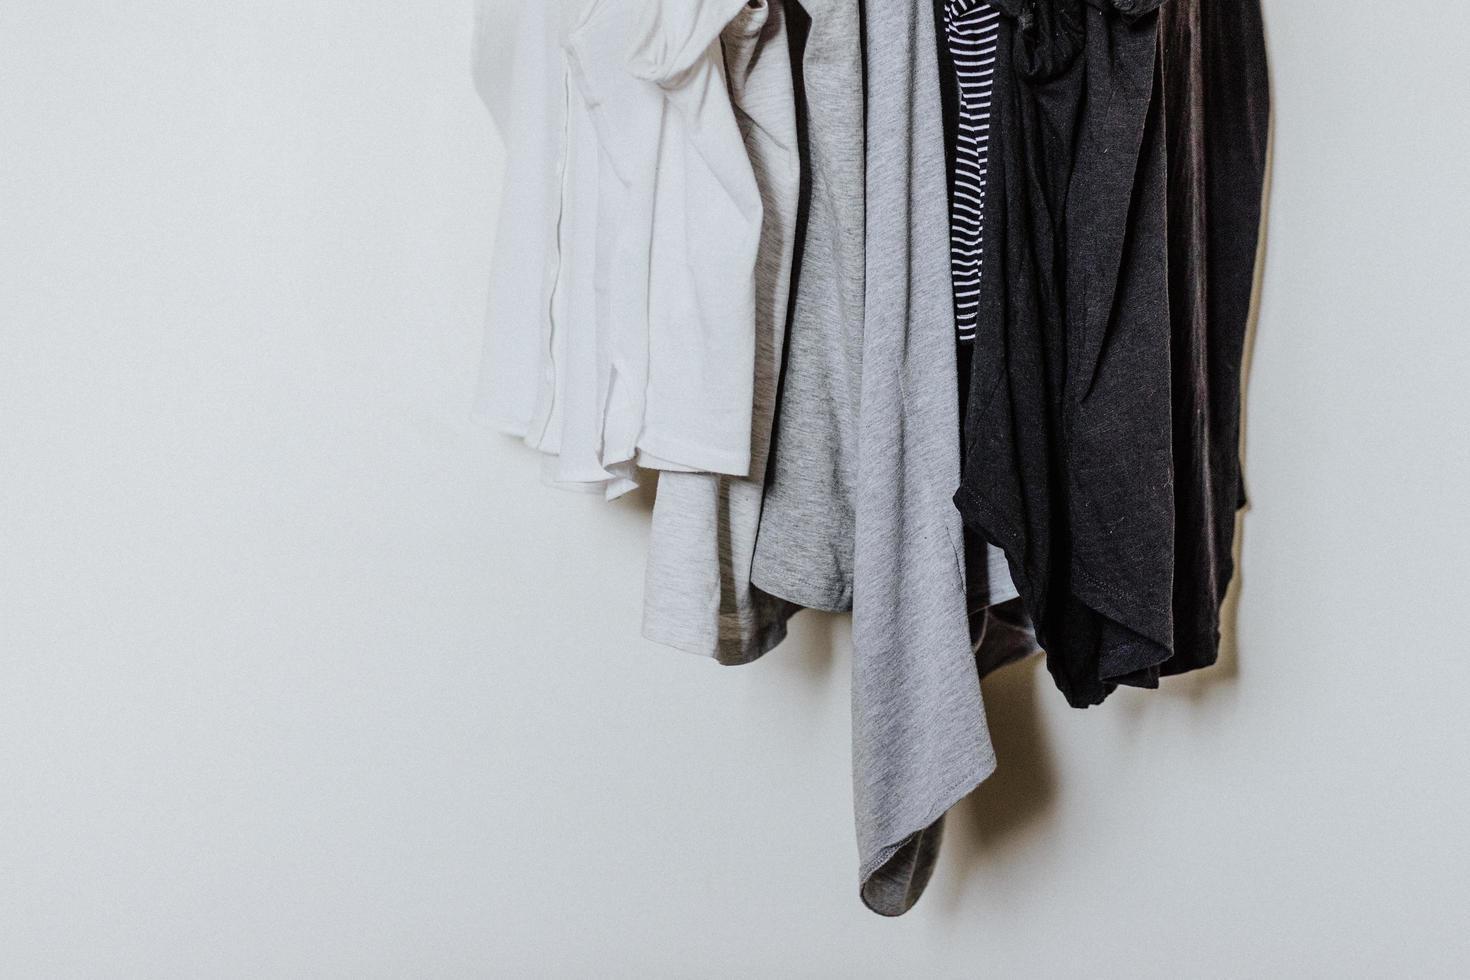 camisetas penduradas contra um fundo branco foto